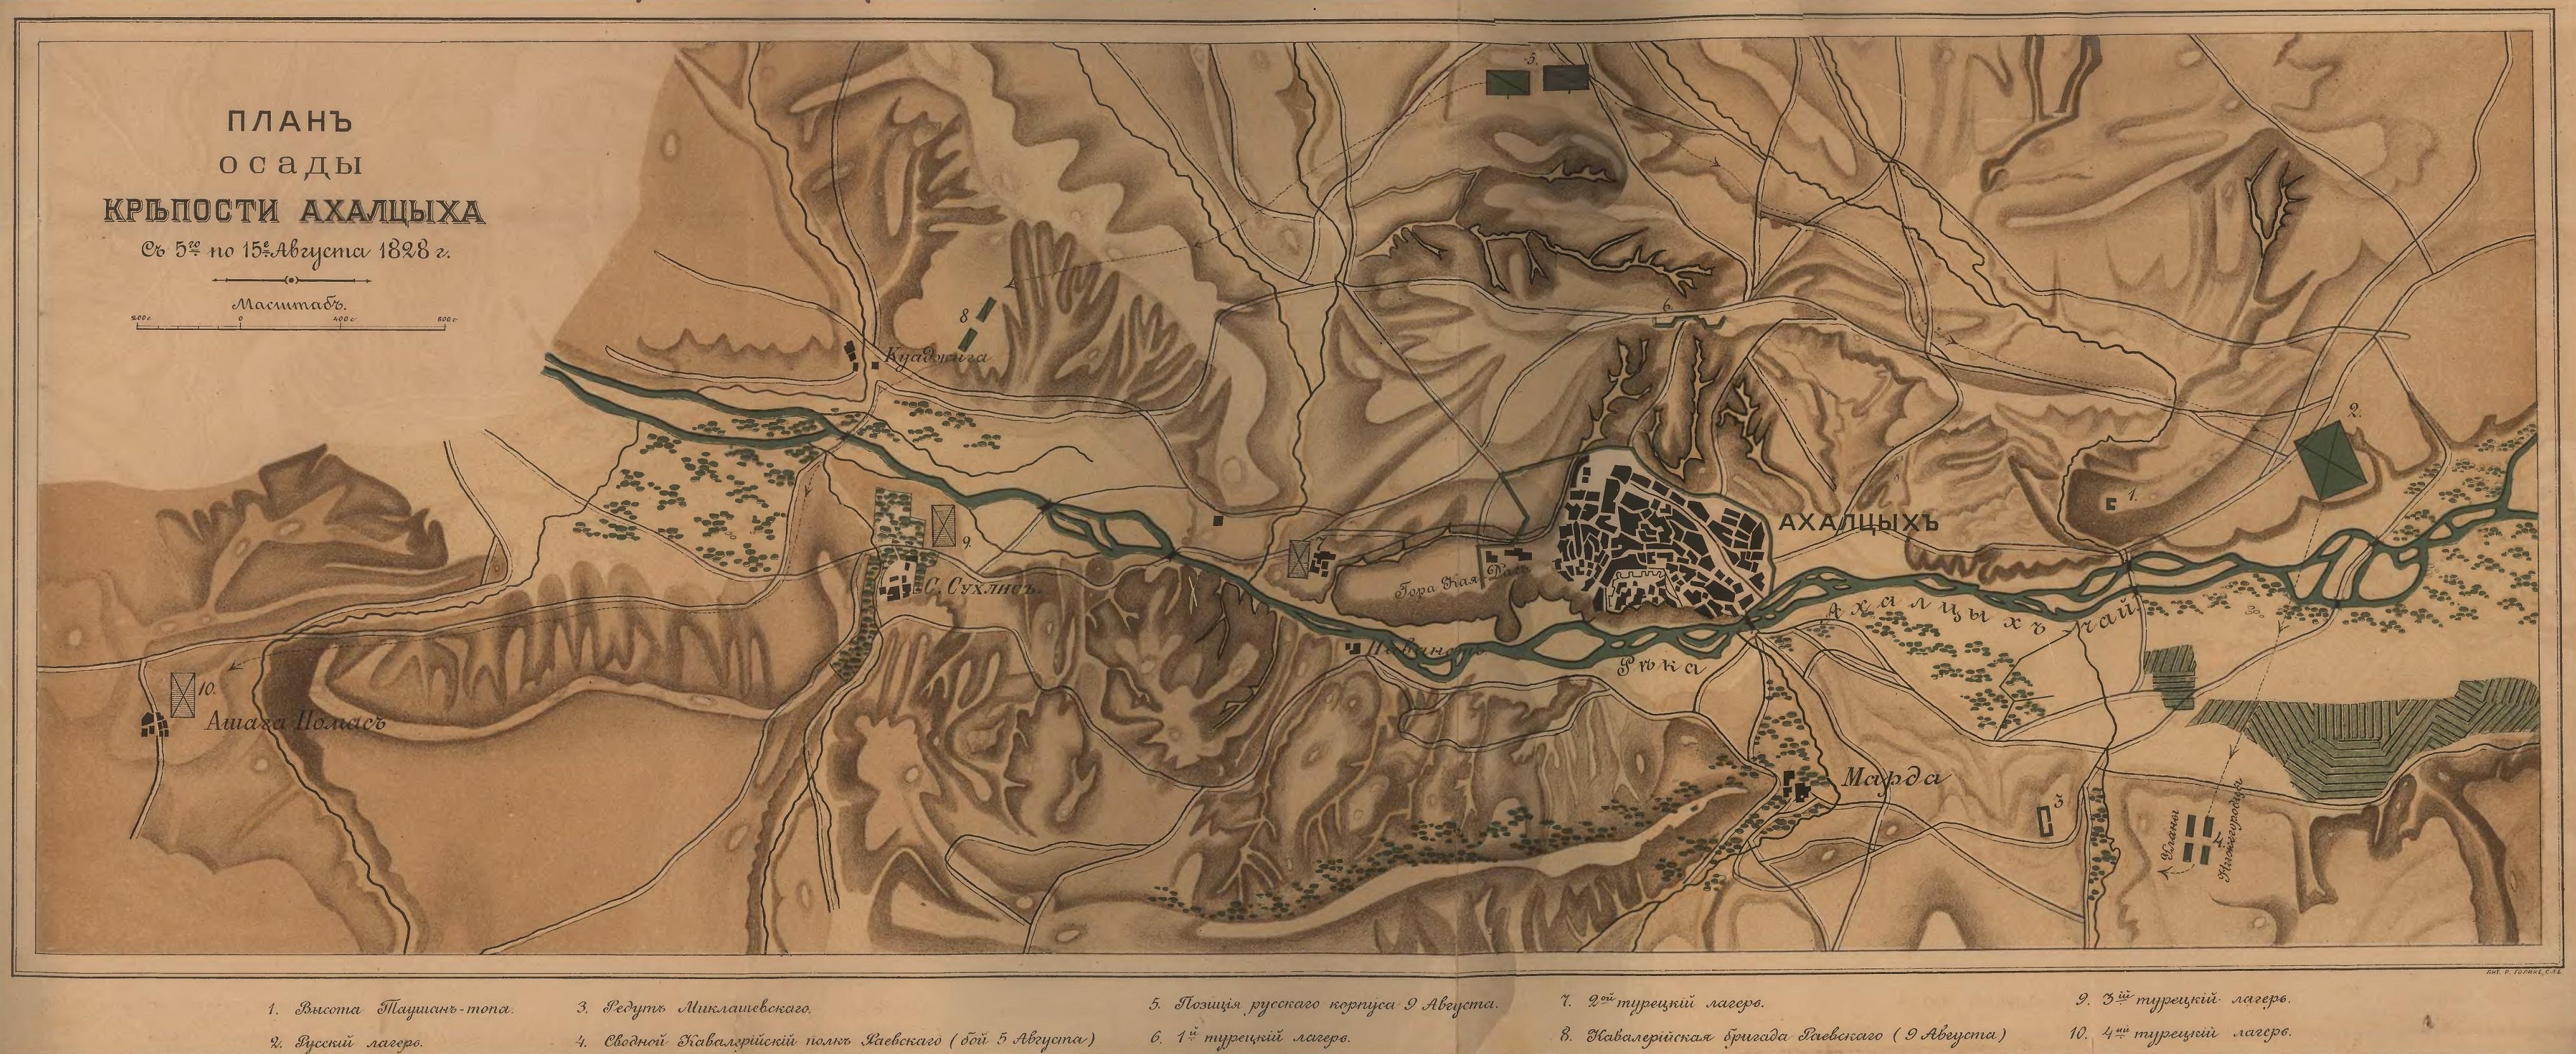 Файл:Осада Ахалцыха (1828).jpg